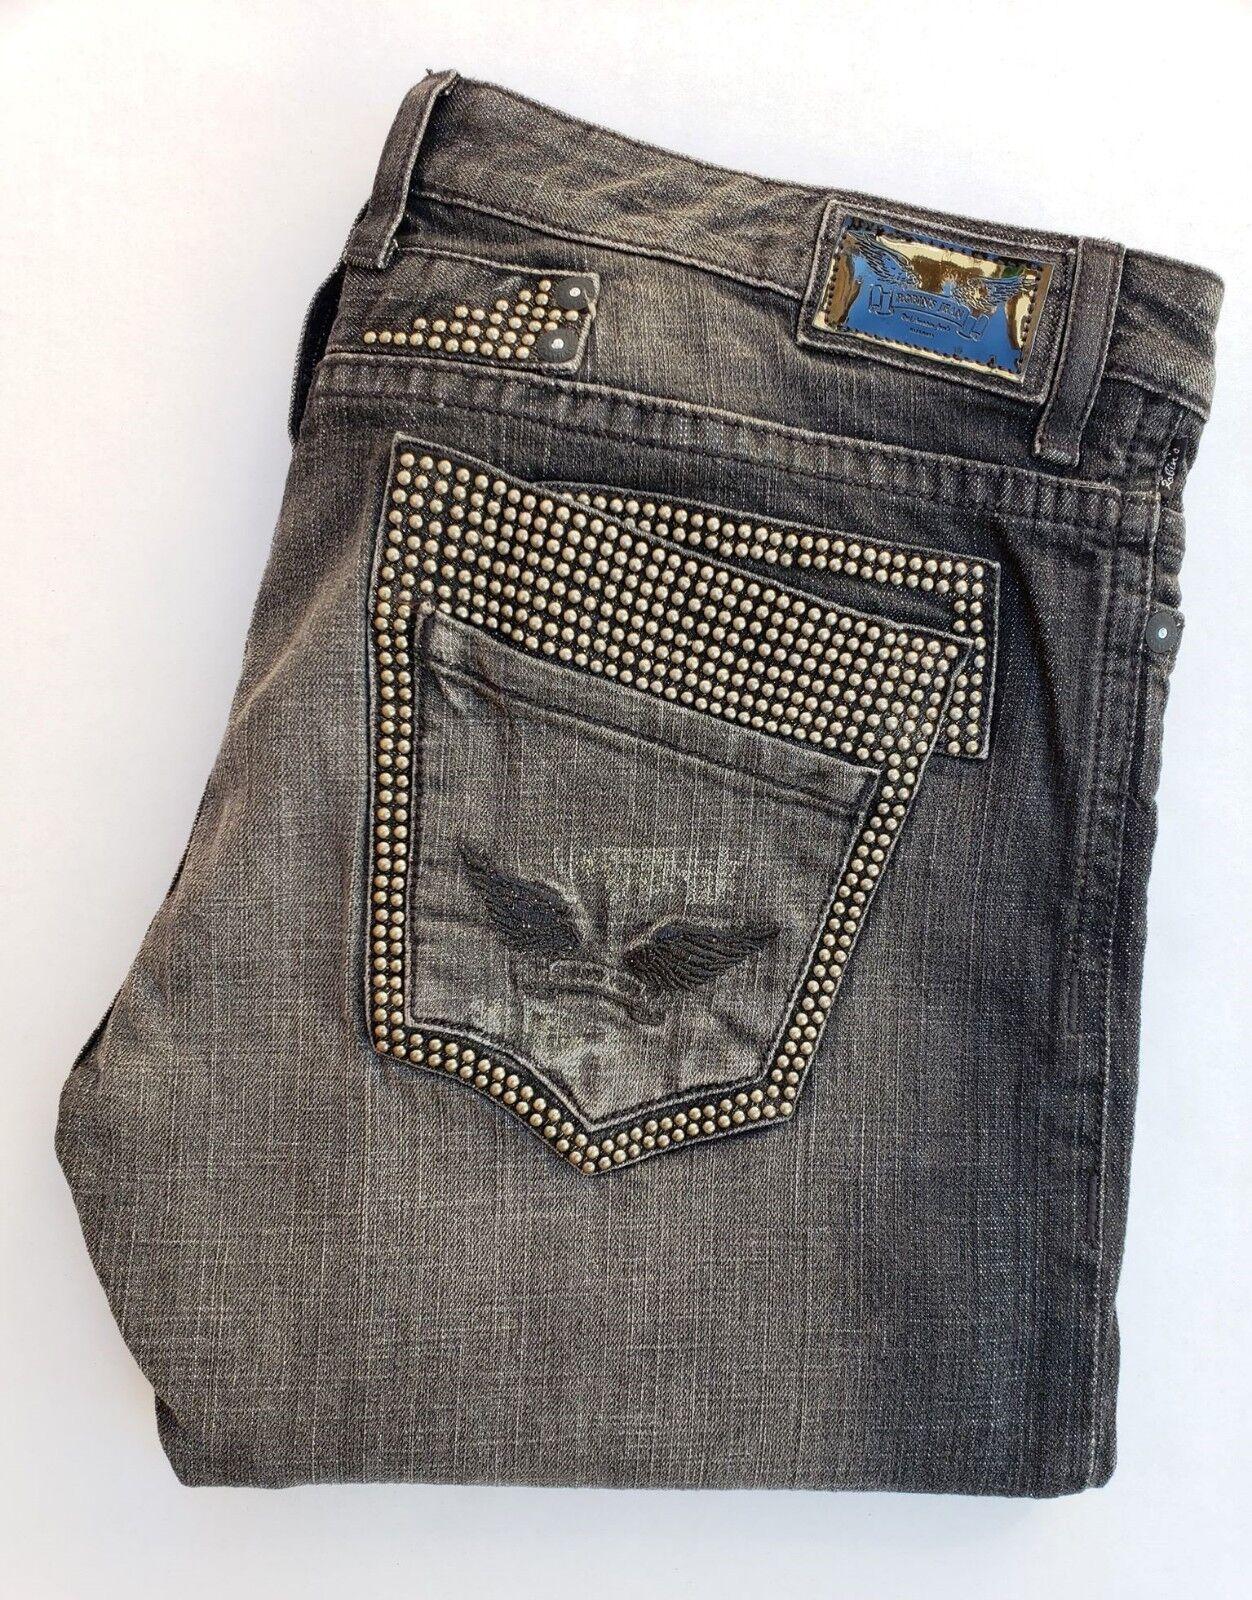 Neu Herren ROTKEHLCHEN Jeans Sz 40 Doppelte Hintere mit Nieten Besetzt Taschen